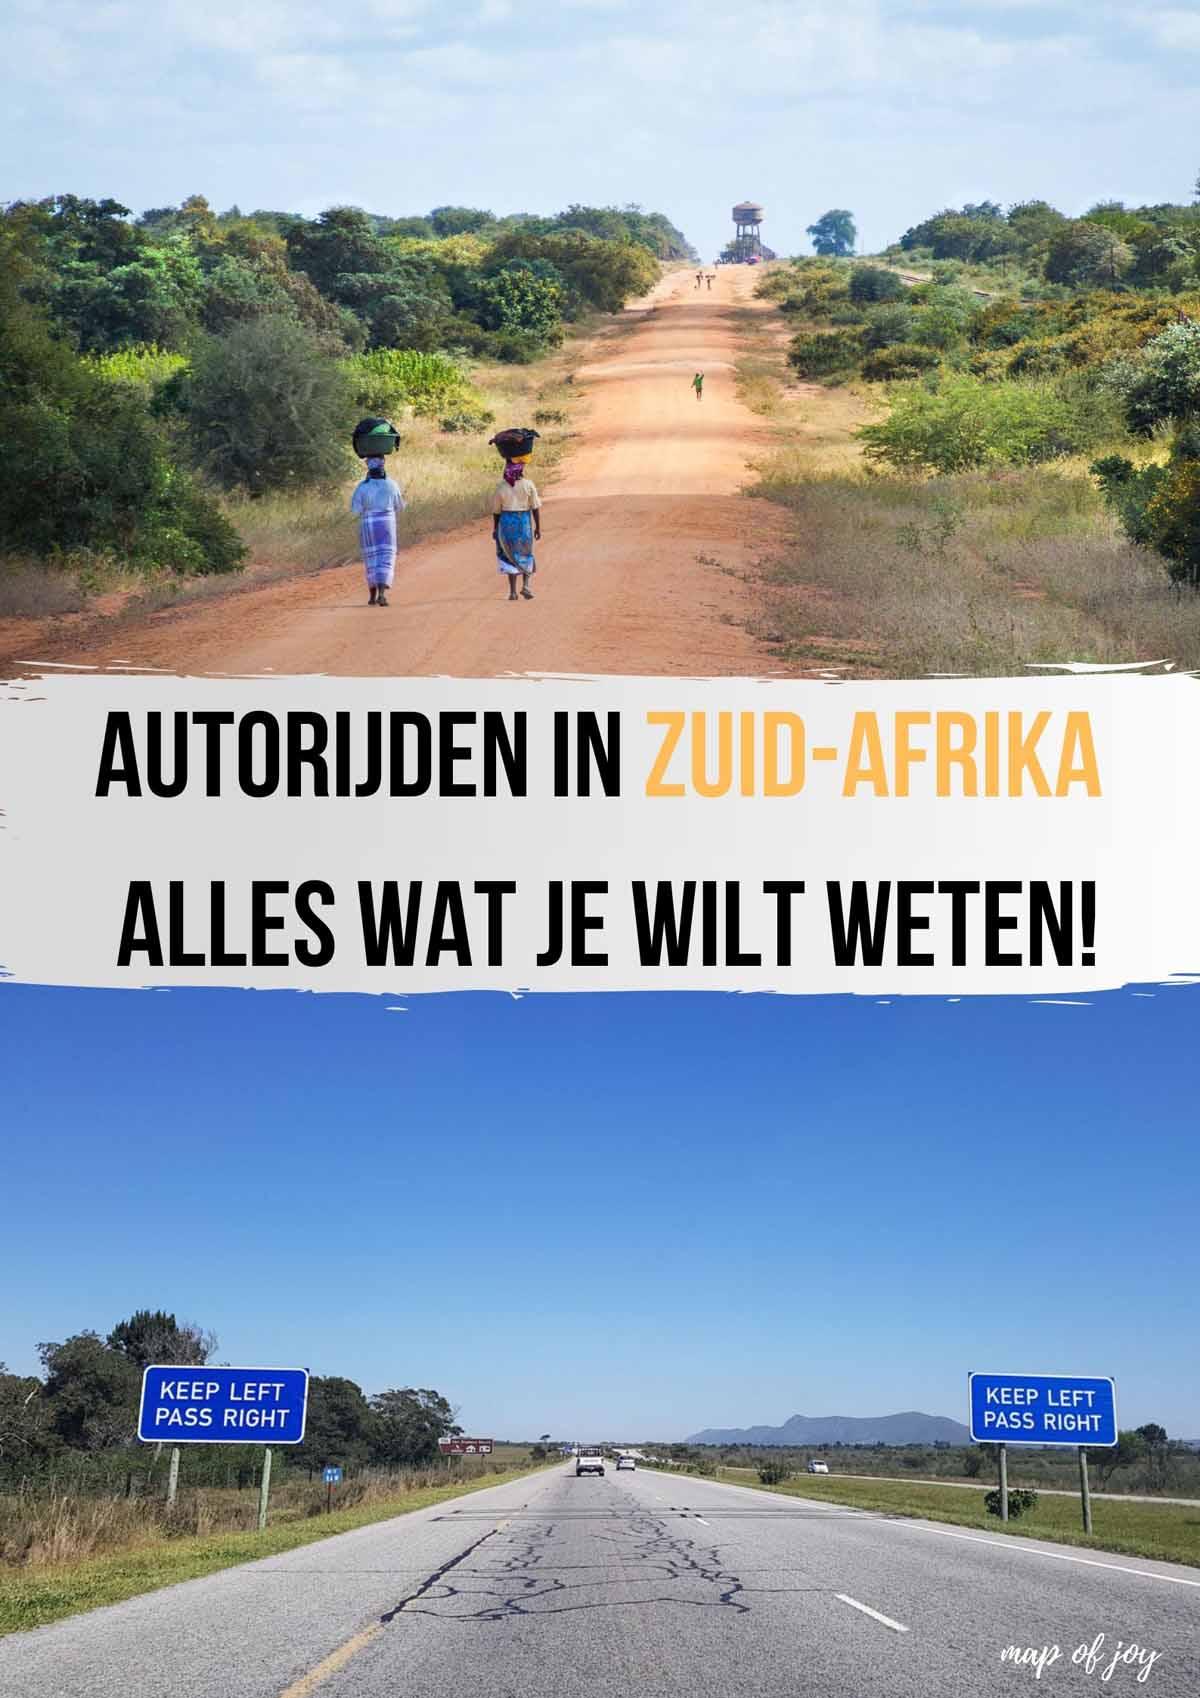 Autorijden in Zuid-Afrika: alles wat je wilt weten!